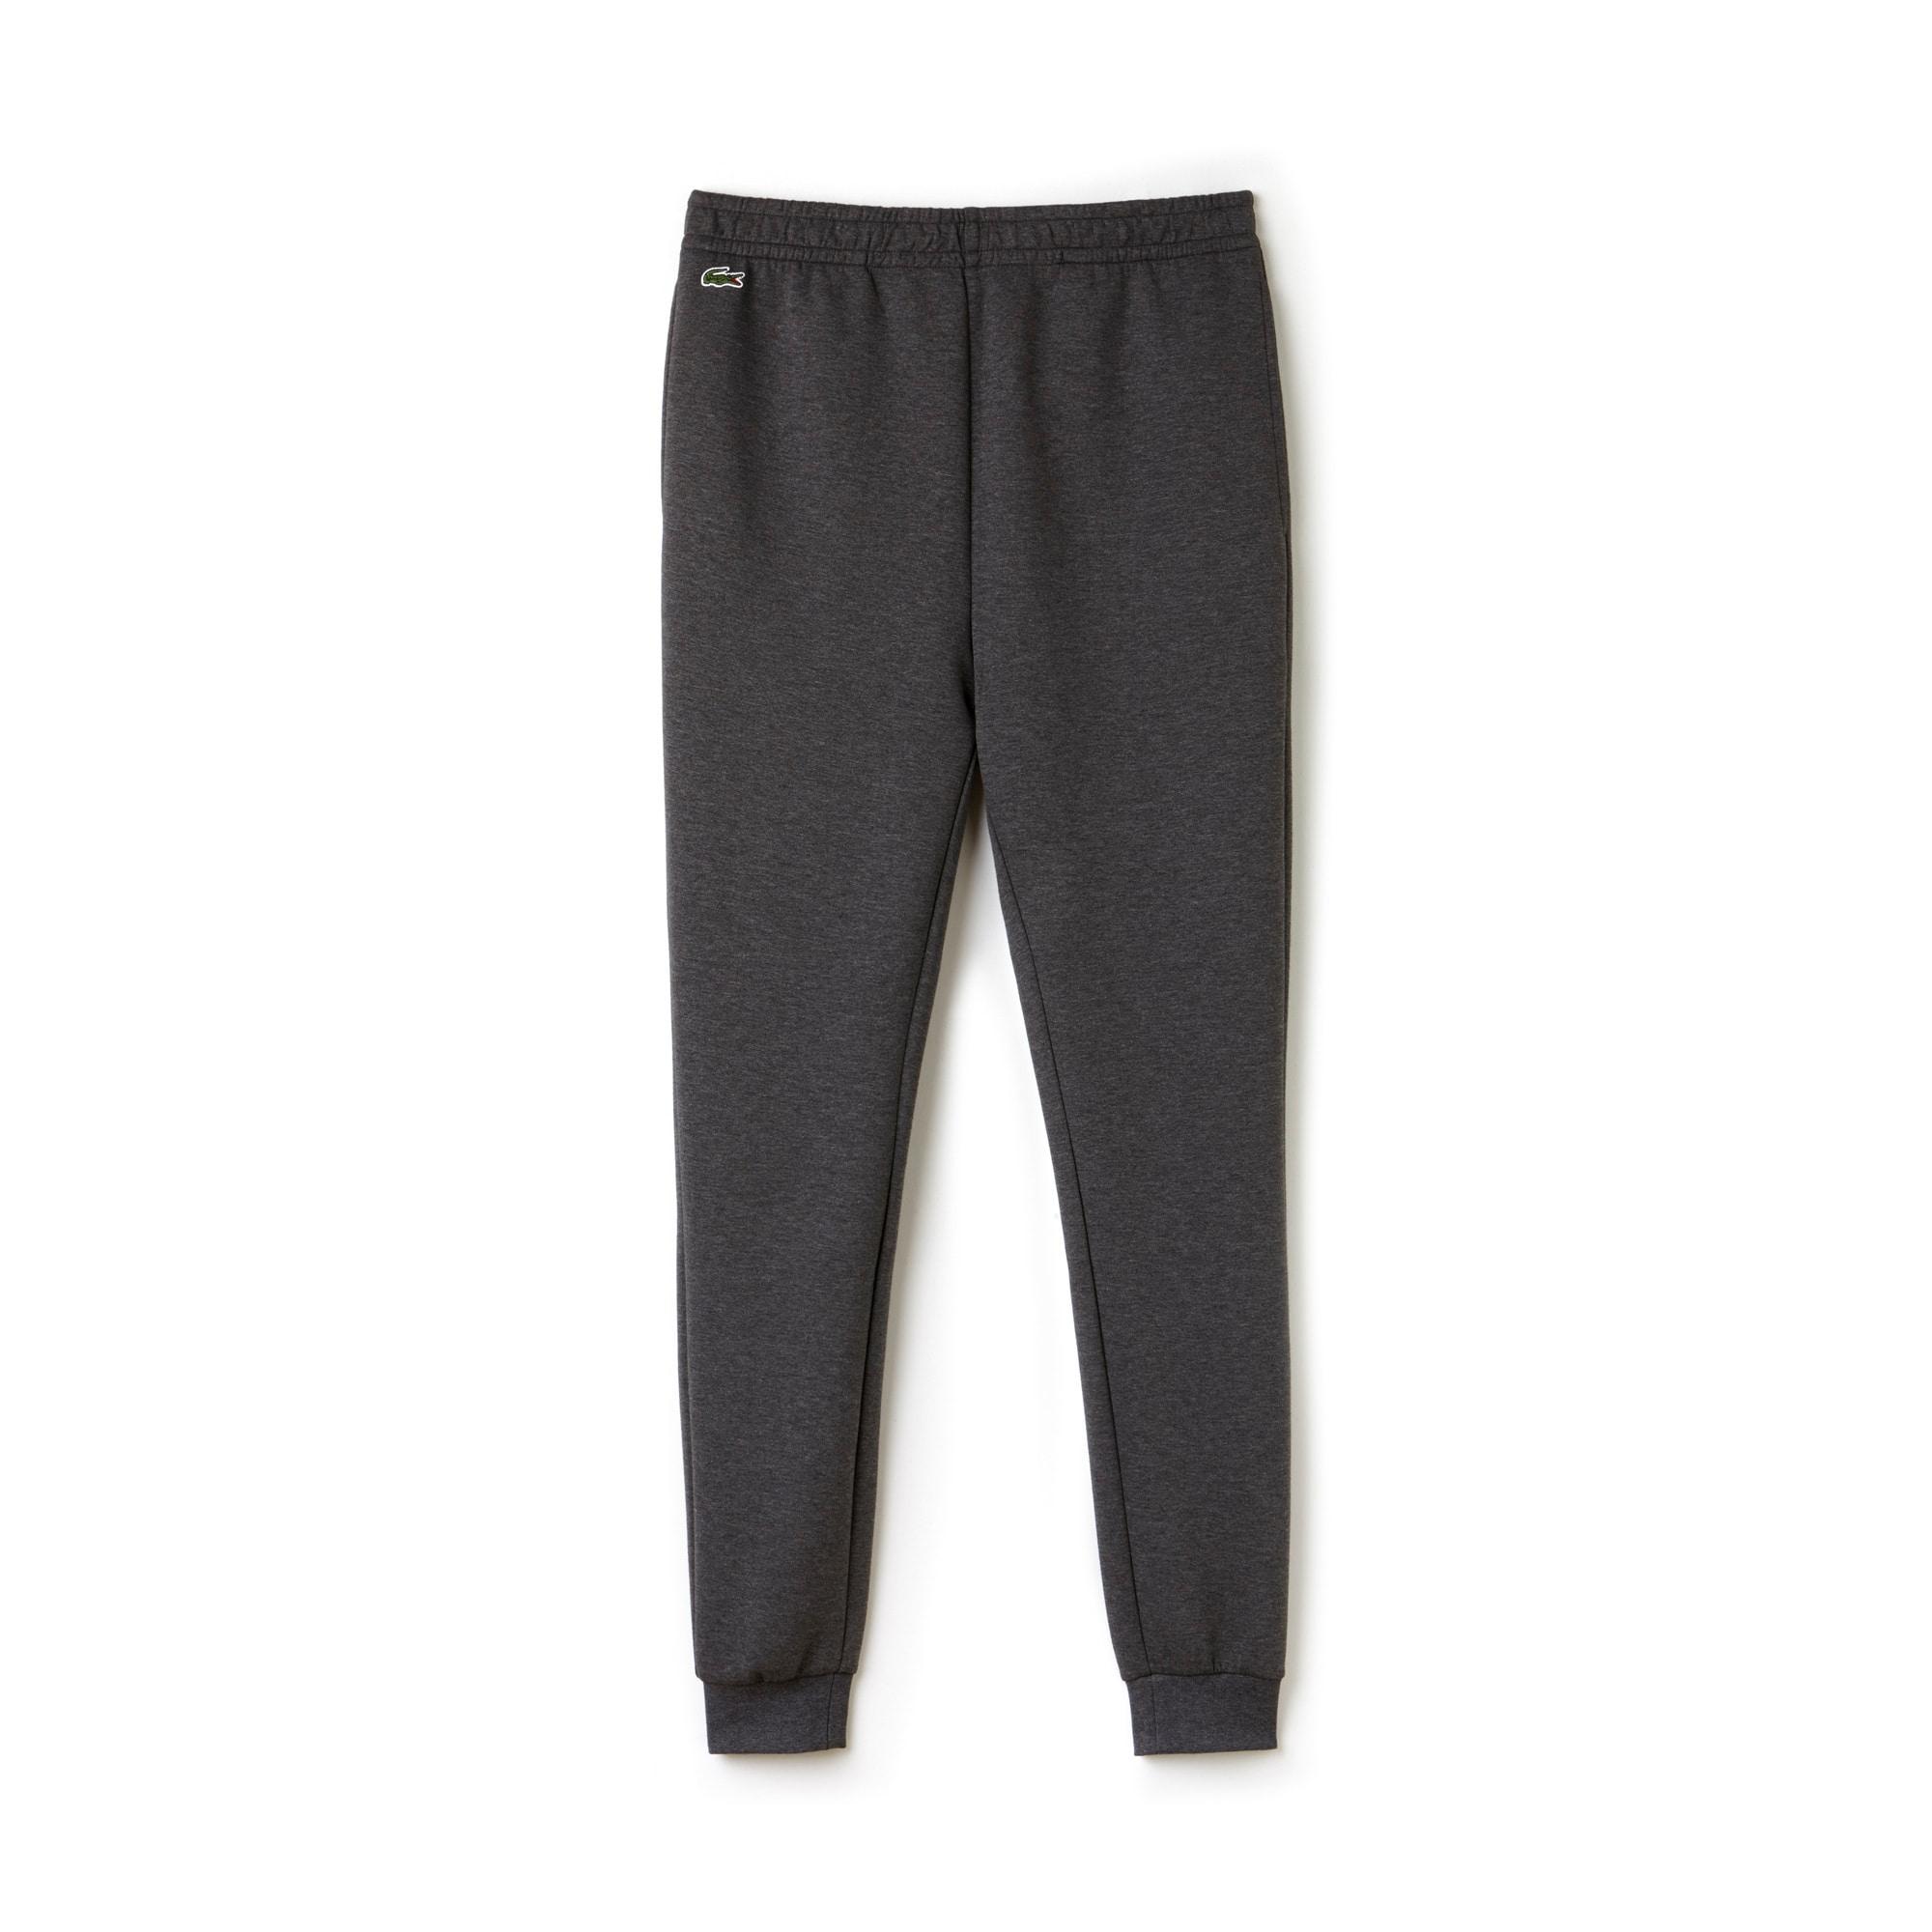 Pantalone tuta Tennis Lacoste SPORT in mollettone